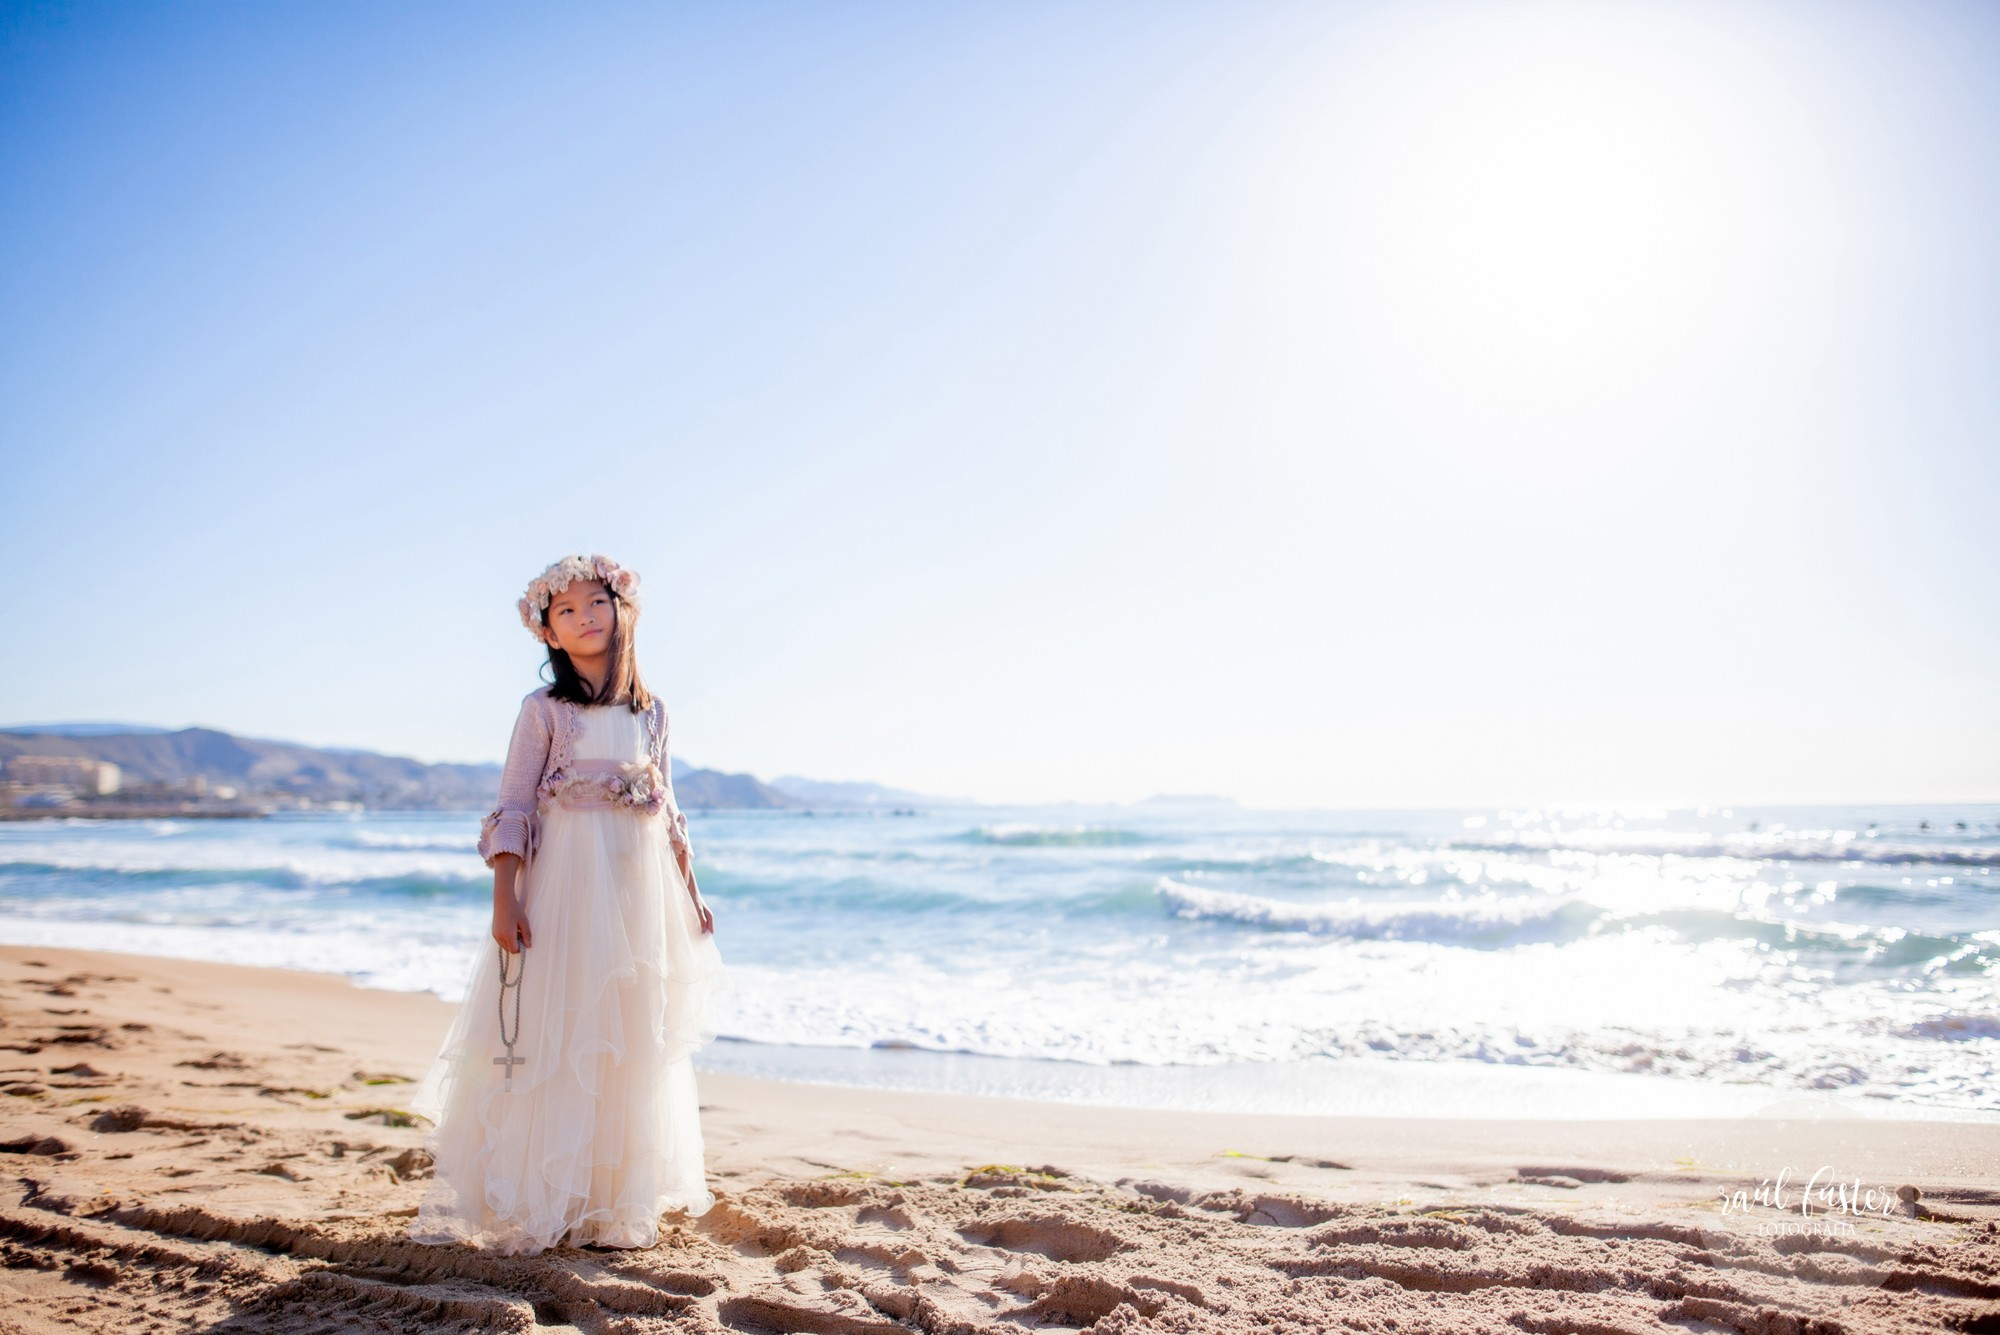 Raul-Fuster-Fotografía-Fotografo-Castalla-Alicante-Fotos-niña-Comunión-en-la-playa-vestido-Hortensia-Maeso-Diseñadora (6)